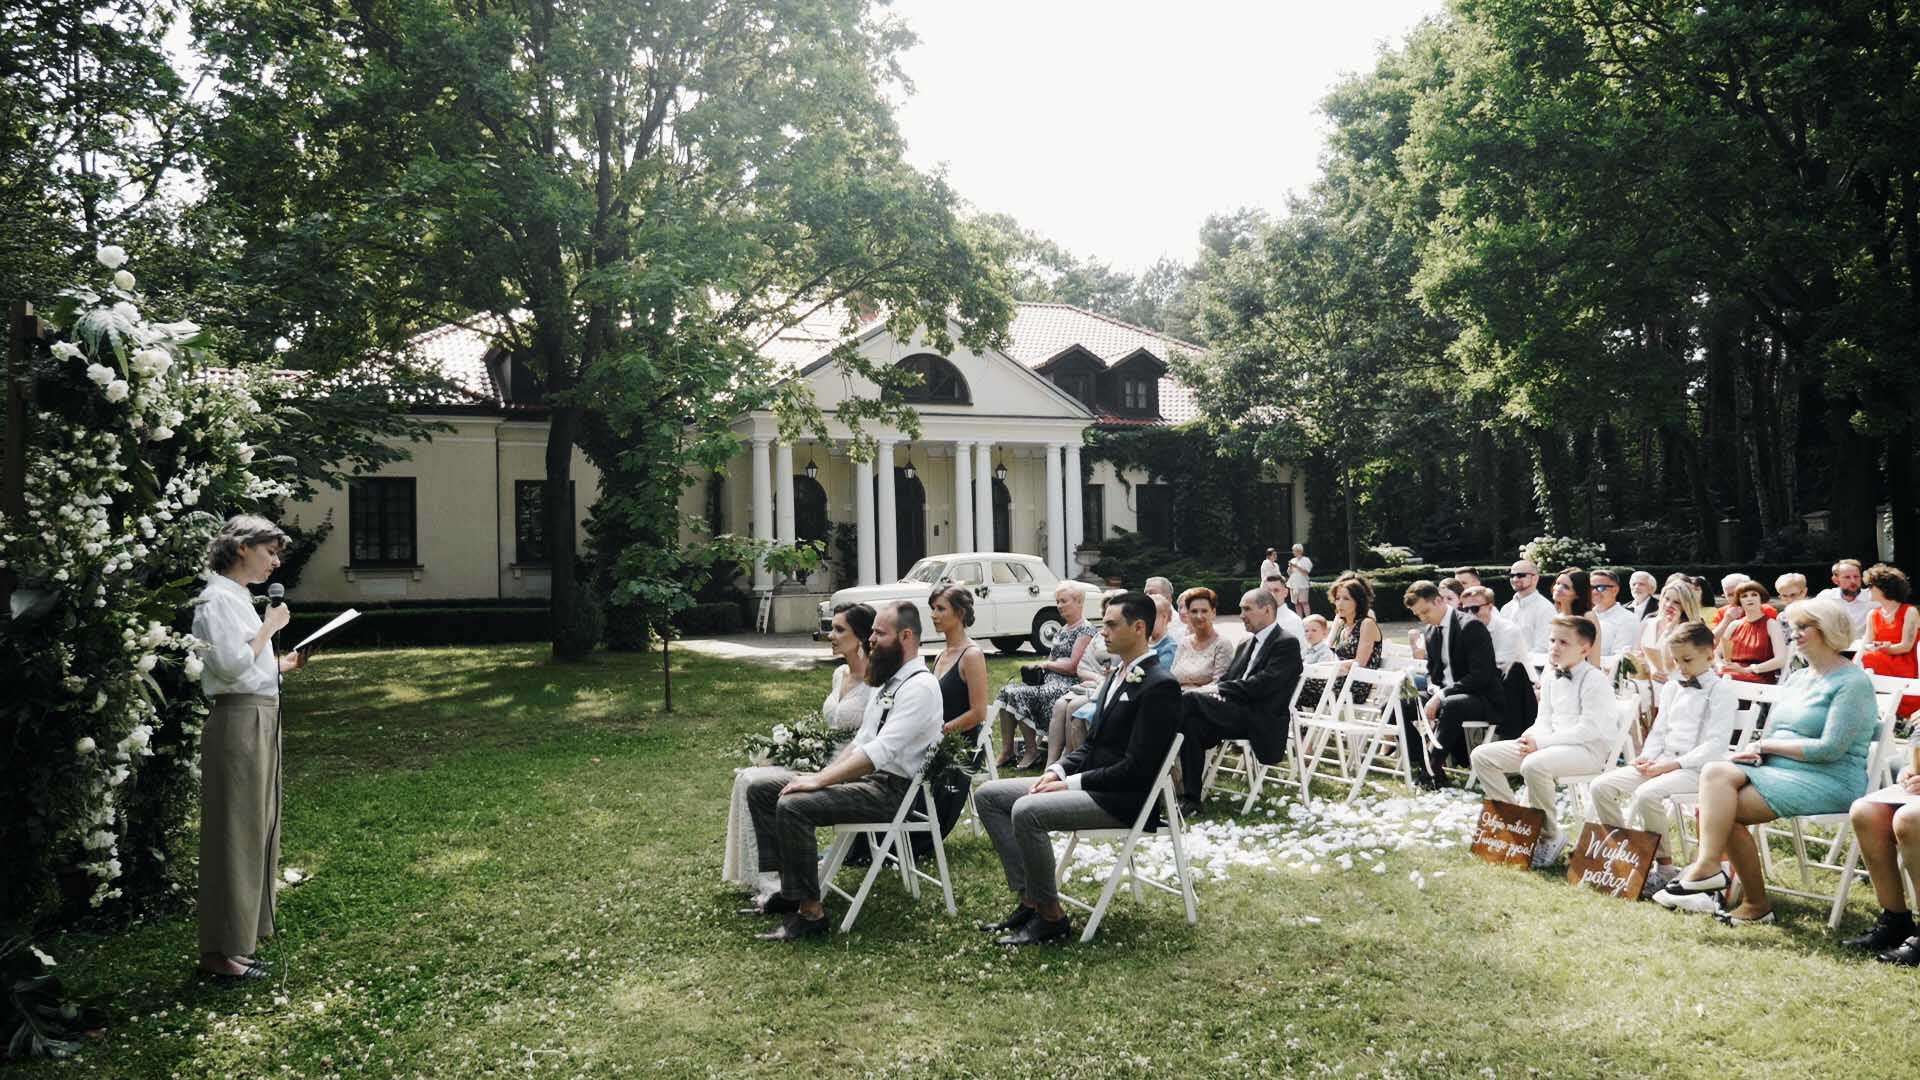 slub-humanistyczny-w-ogrodzie-warszawa-hipster-wedding (11).jpg